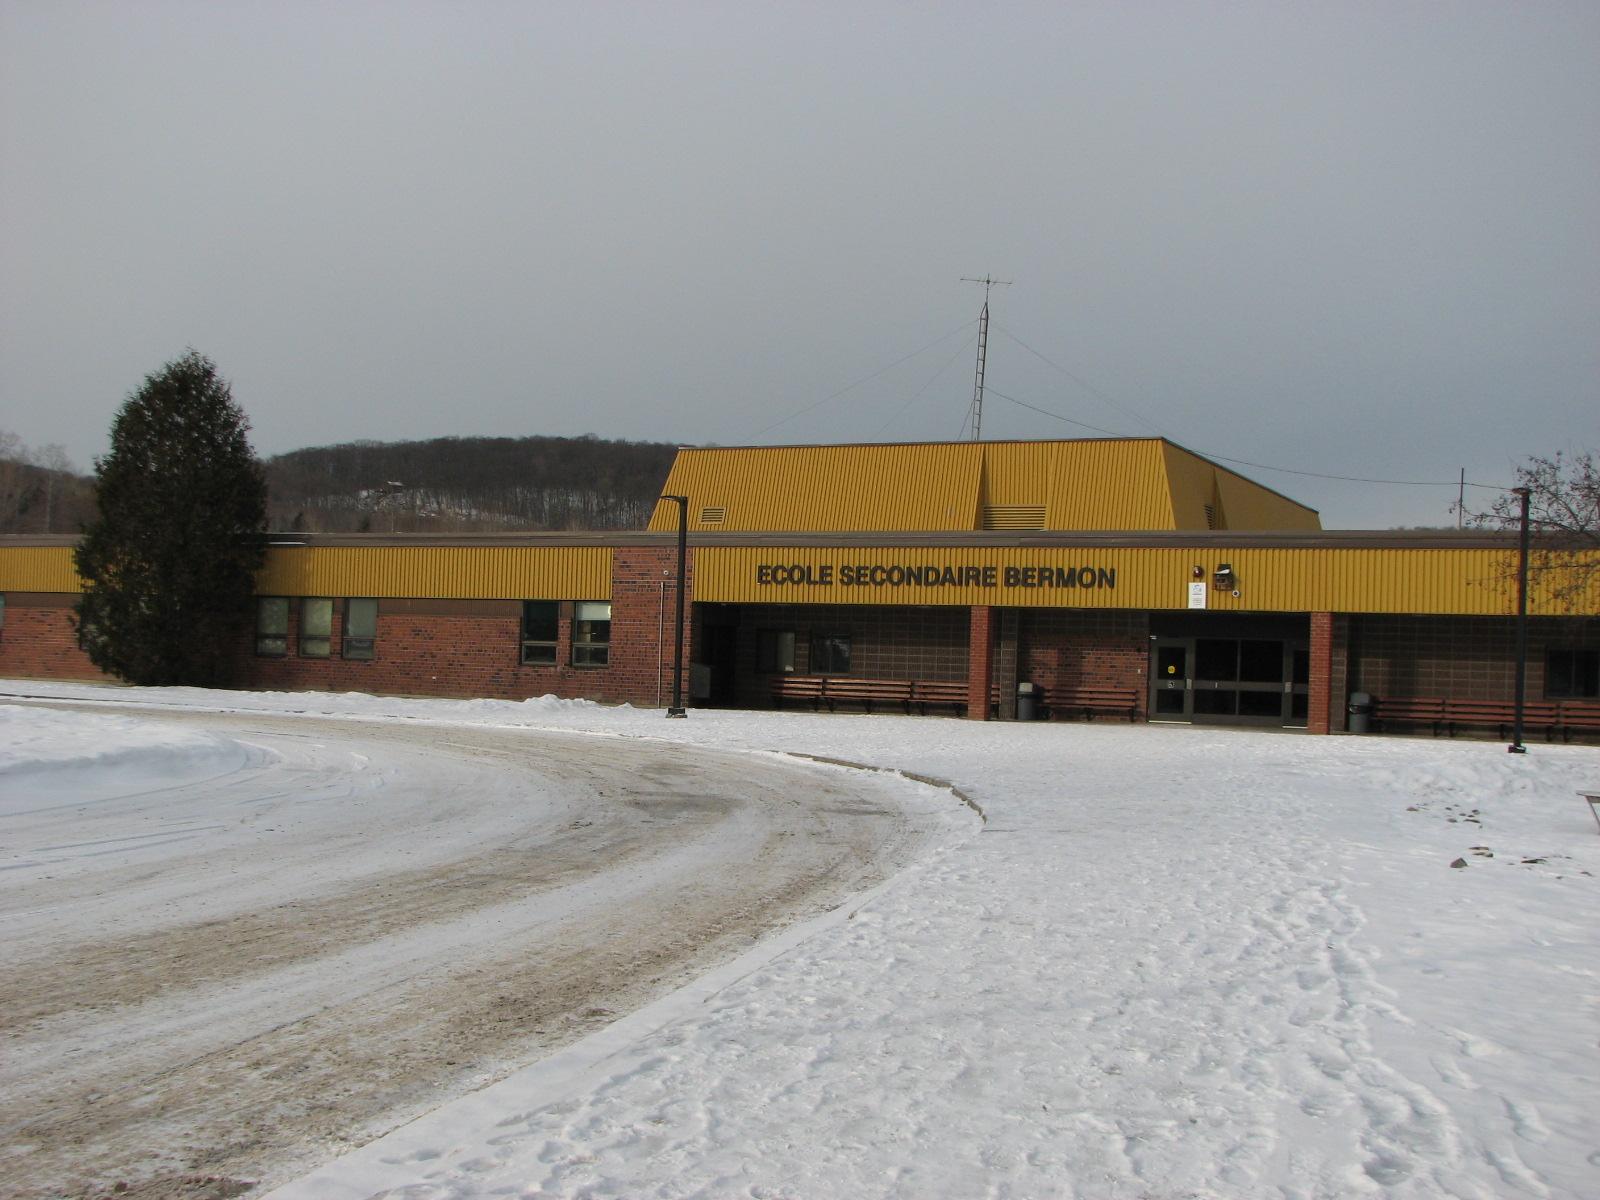 école secondaire Bermon